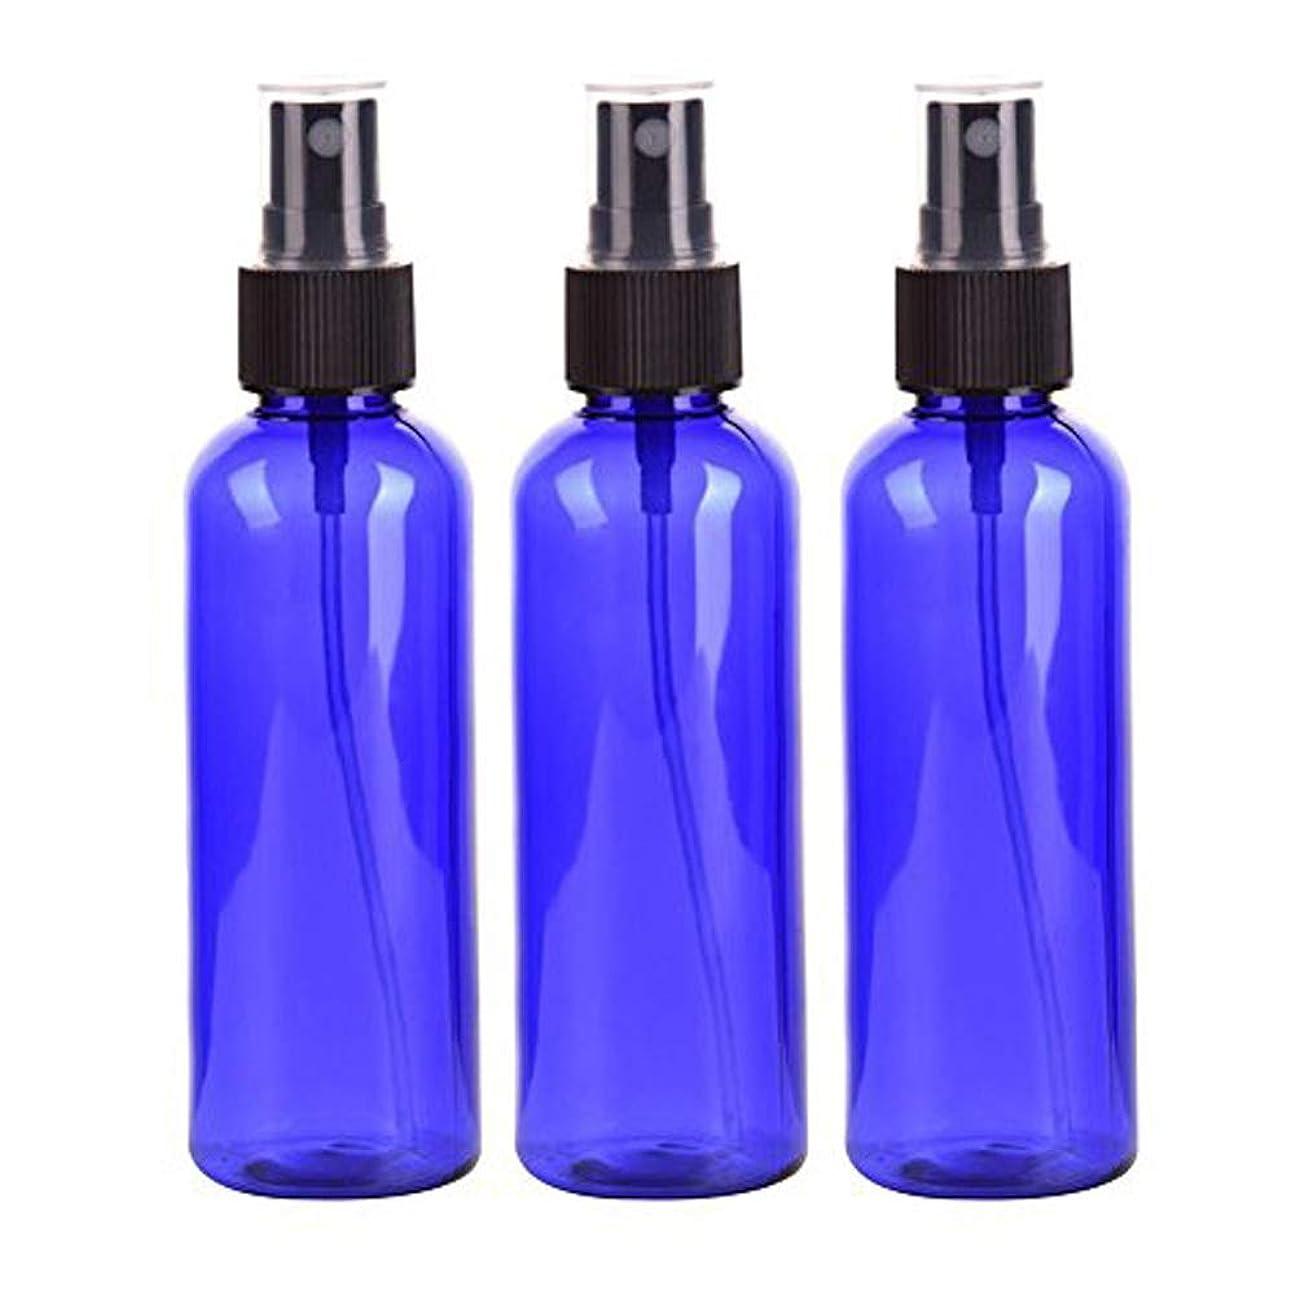 ネックレットフィルタ竜巻Lindexs スプレーボトル 50mL プラスチック ブルー黒ヘッド空容器 3本セット (青)